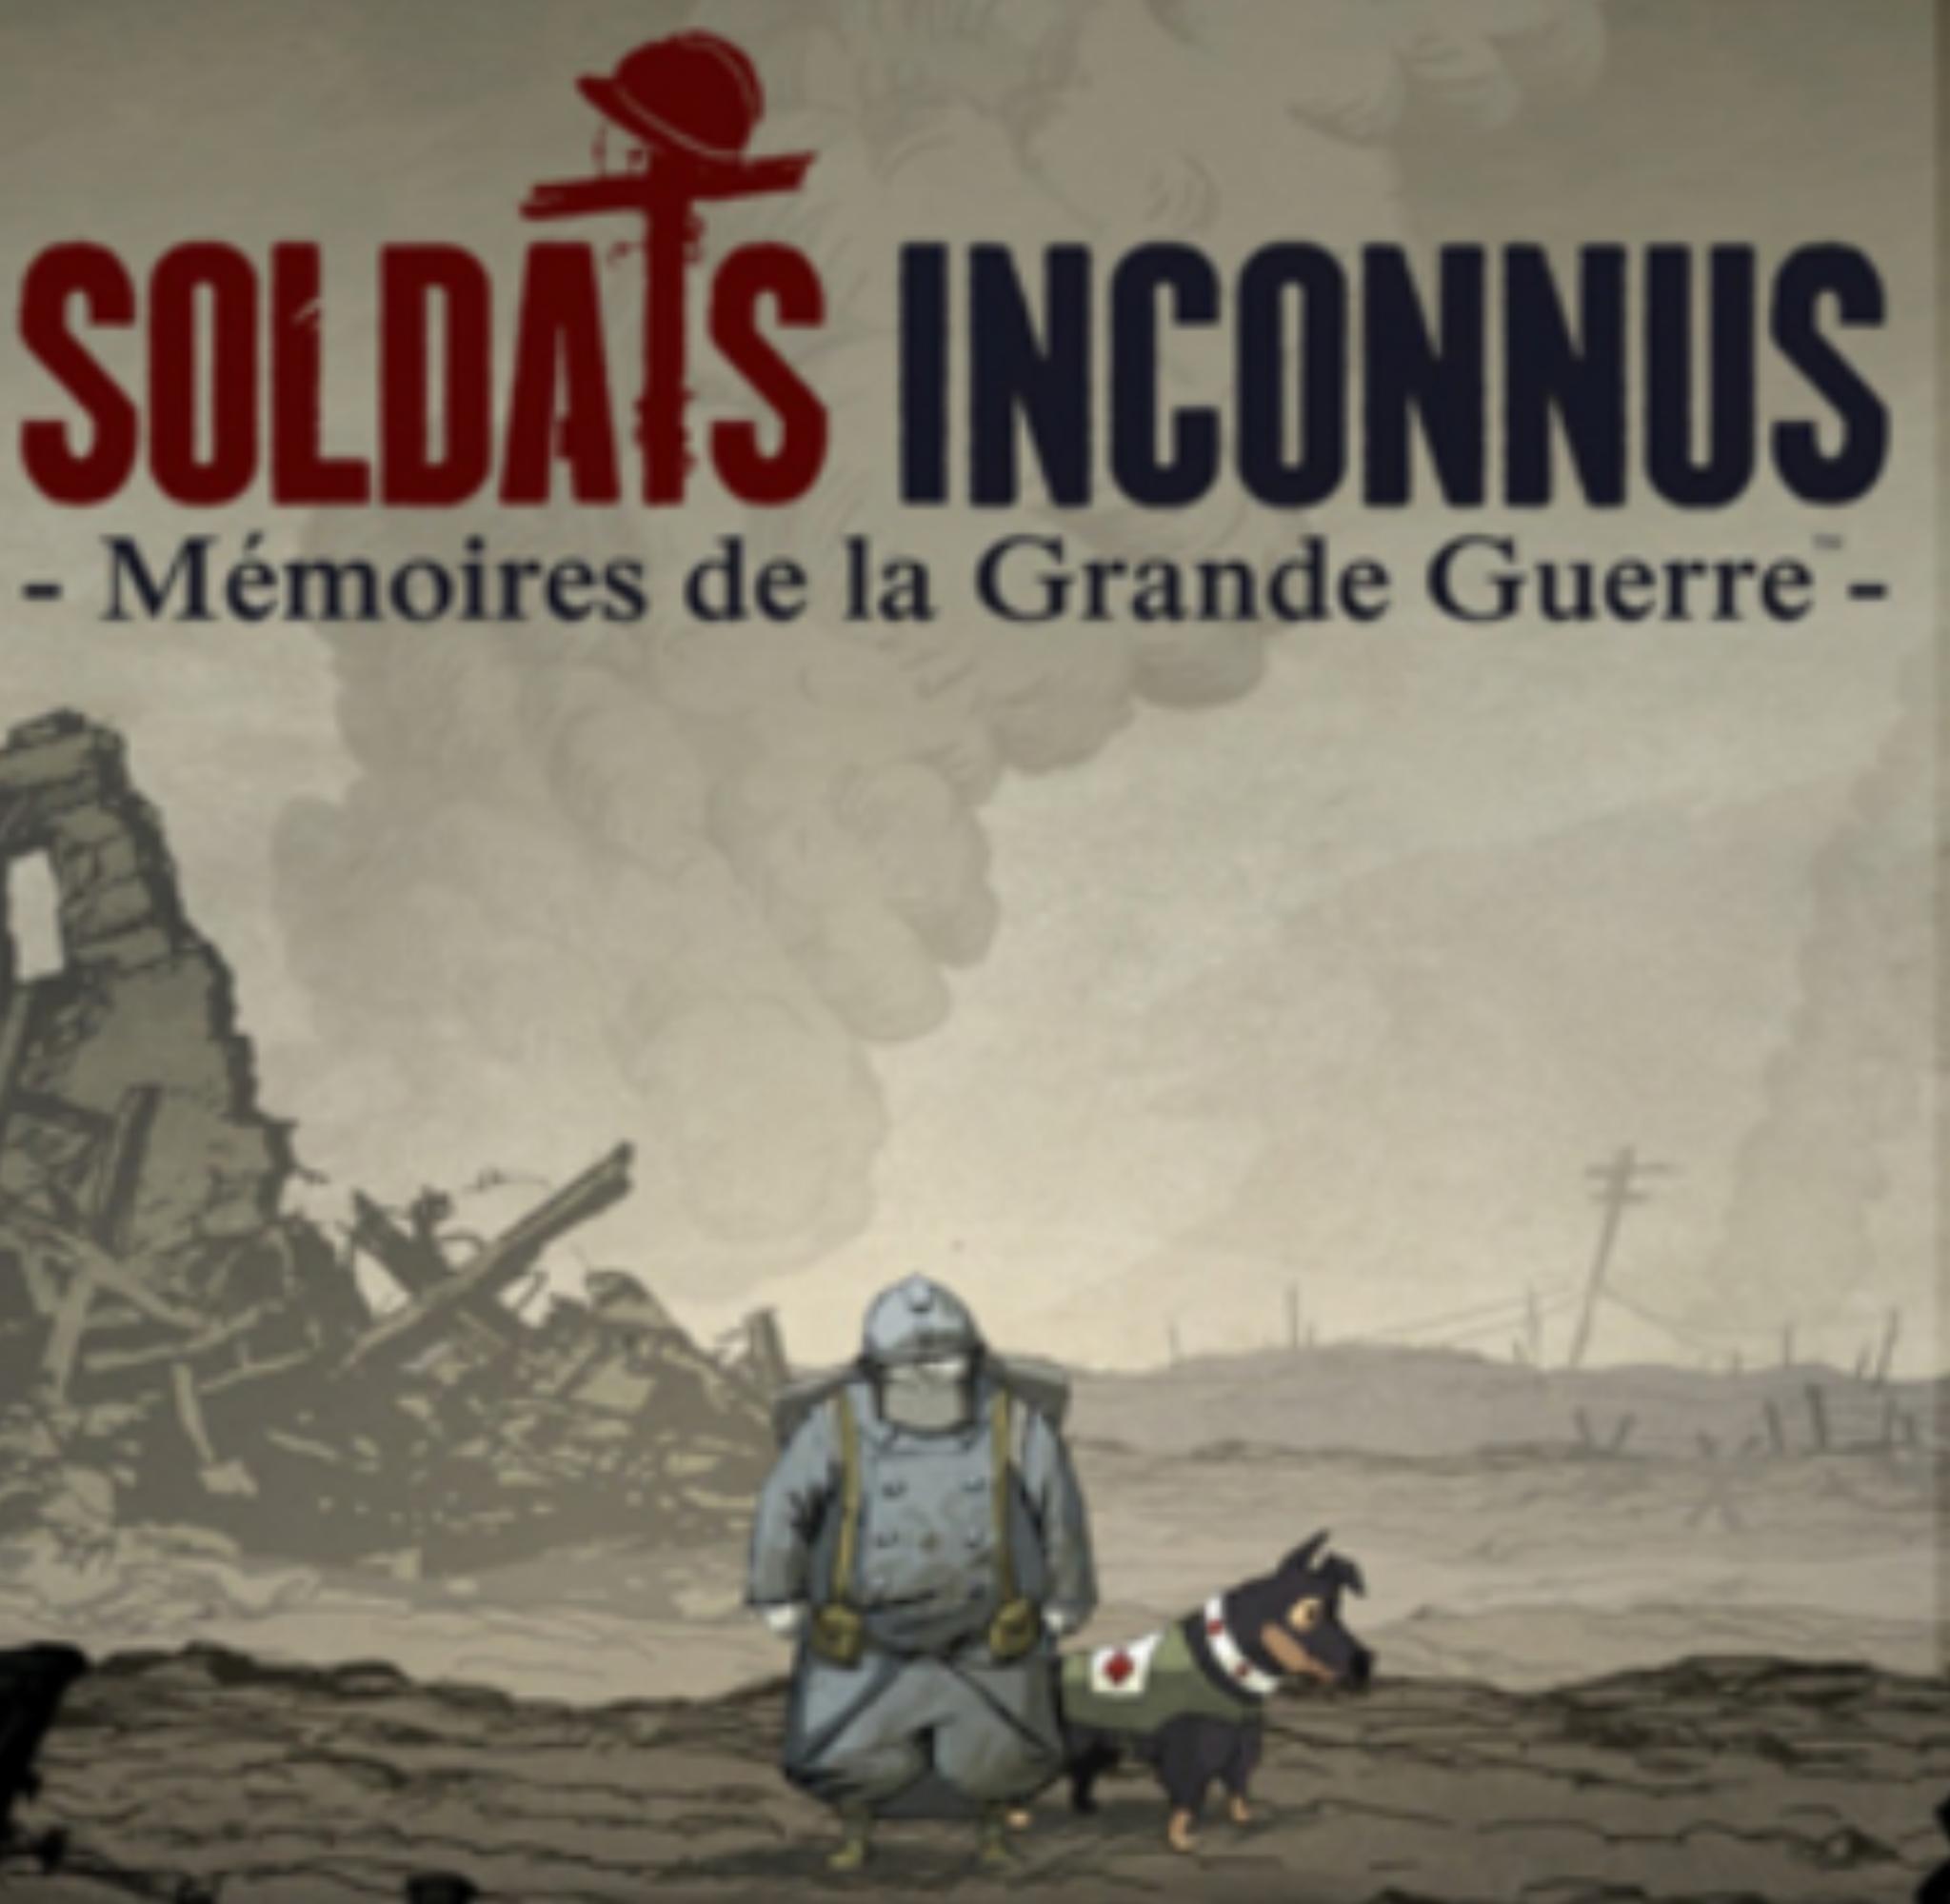 Soldats Inconnus : Mémoire de la Grande Guerre sur Nintendo Switch (Dématérialisé)